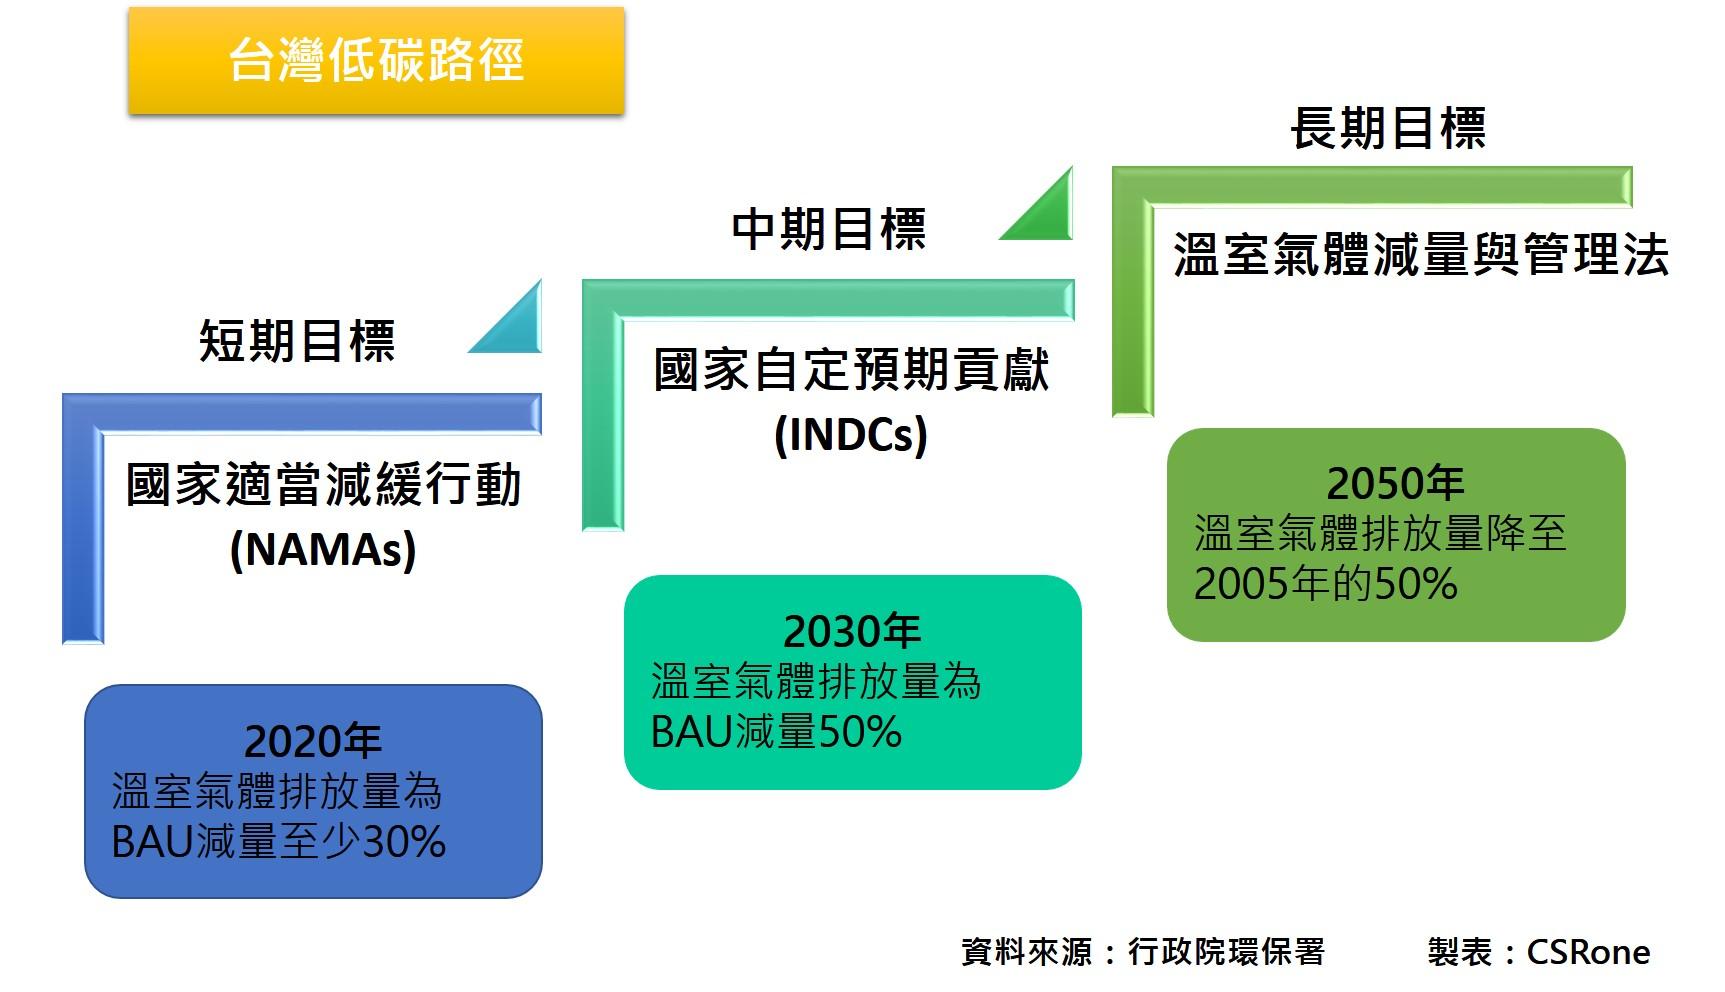 台灣低碳路徑 - 短中長期目標